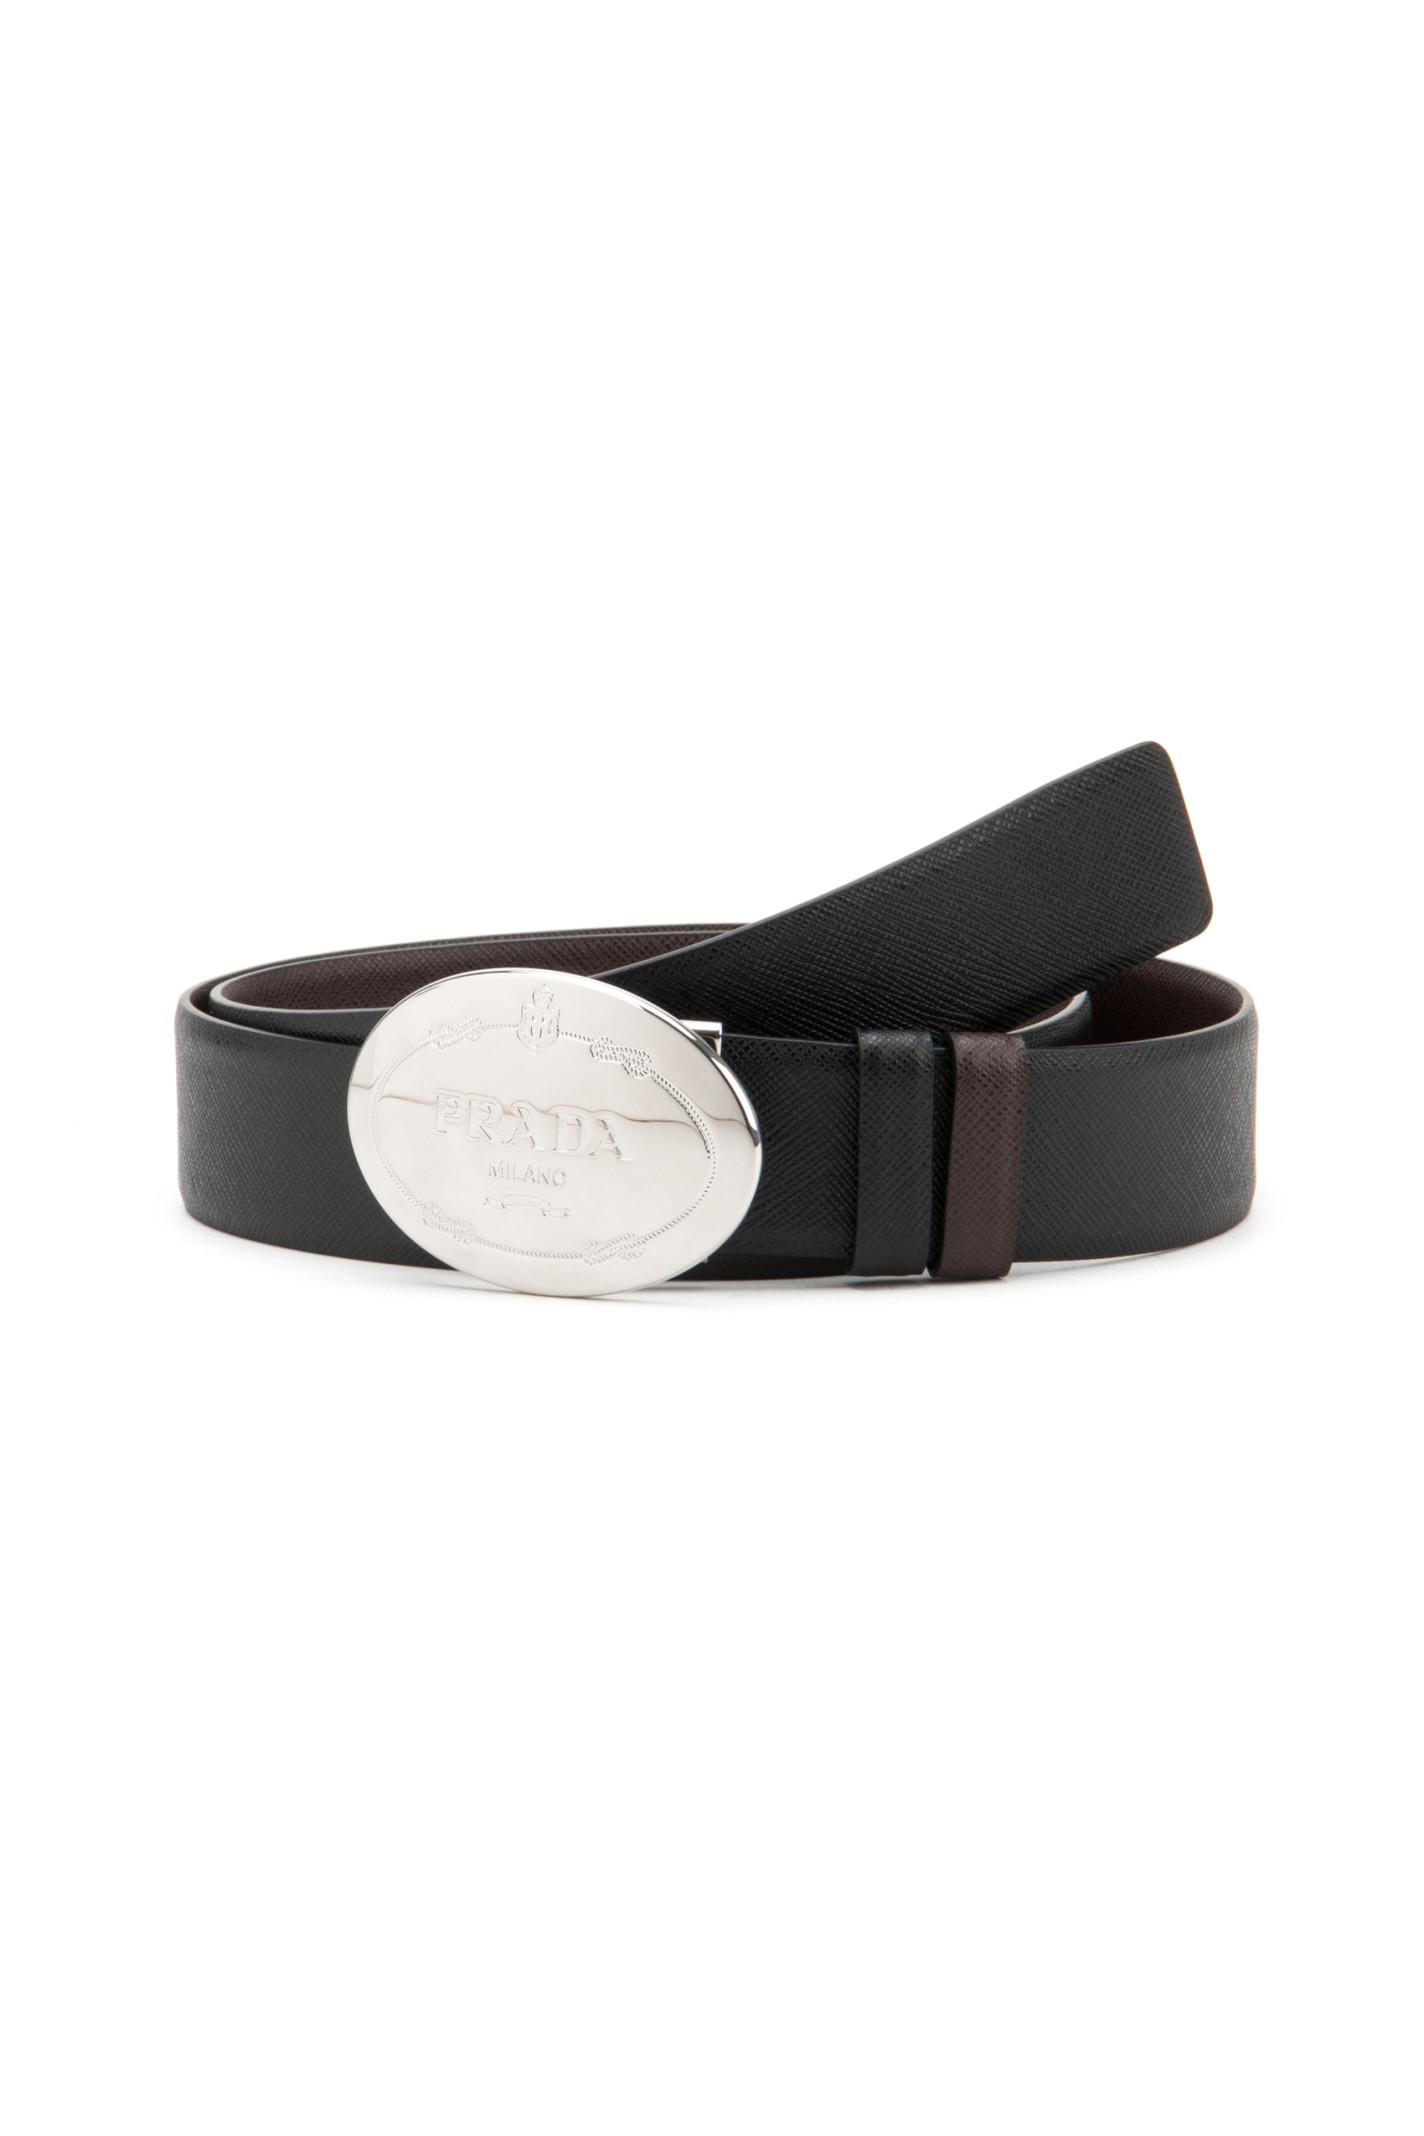 Prada Saffiano Belt In Black For Men (NERO+CAFFÉ)